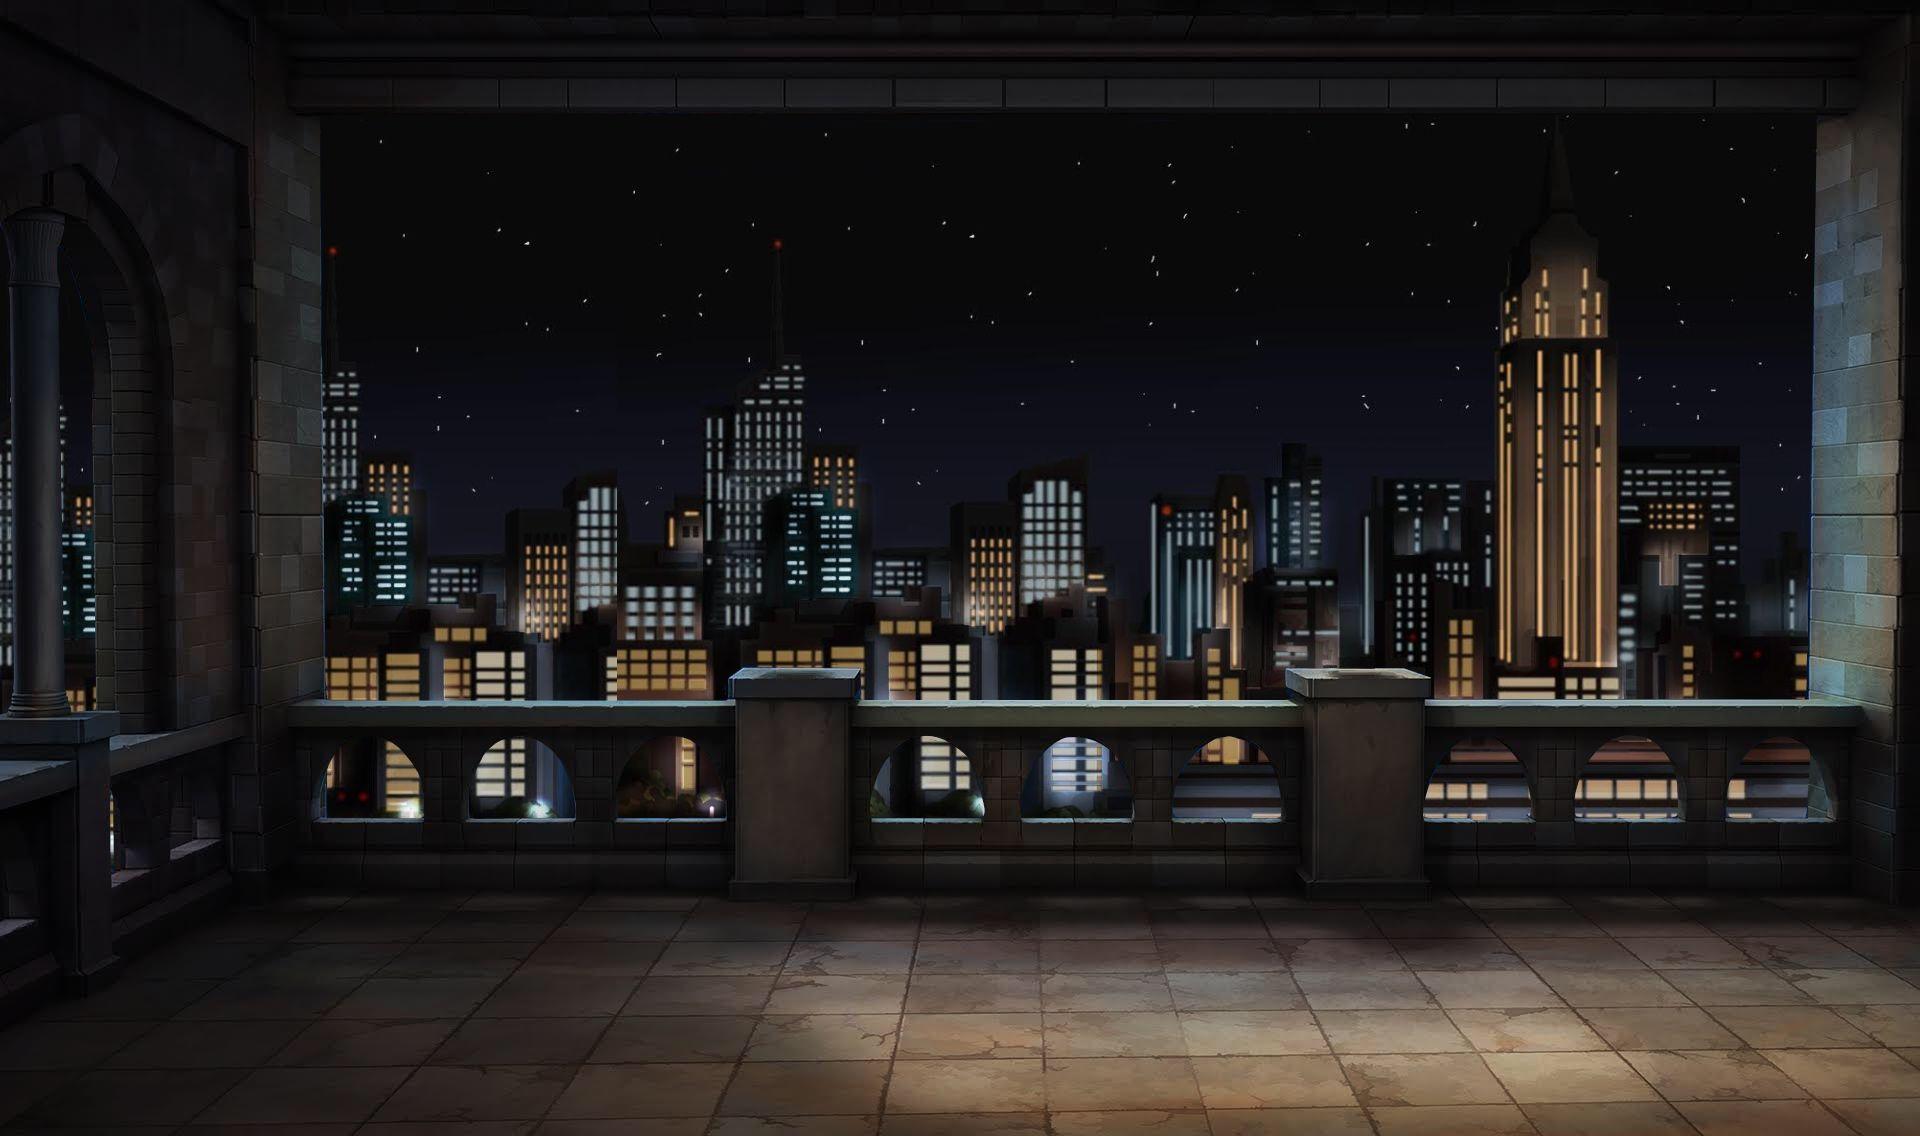 Ext Cozy Balcony 2 Night Episode Life Cenario Anime Fundo